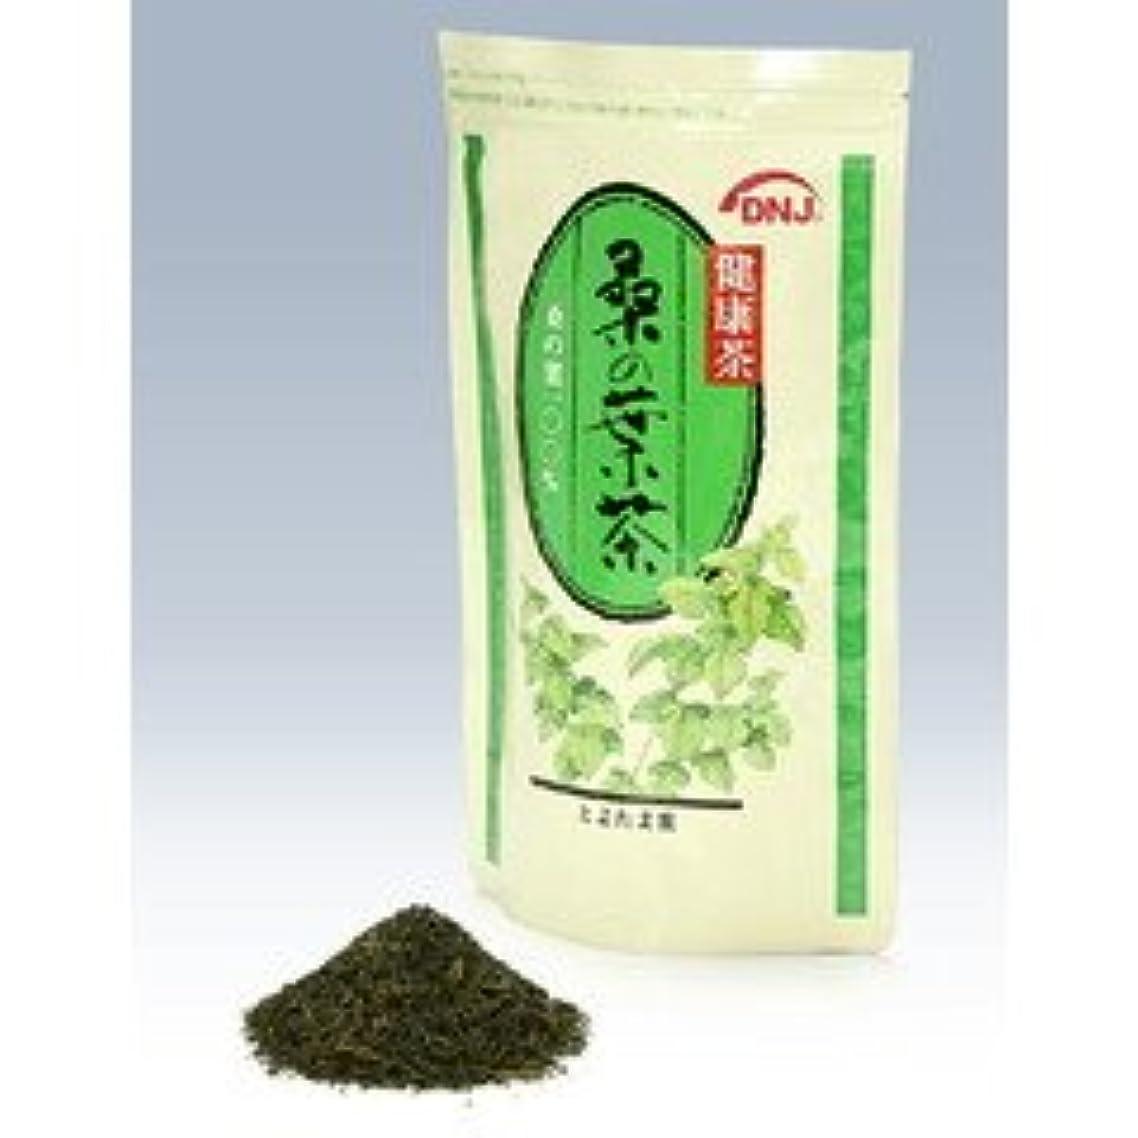 蚊見物人香りトヨタマ 桑の葉茶 90g